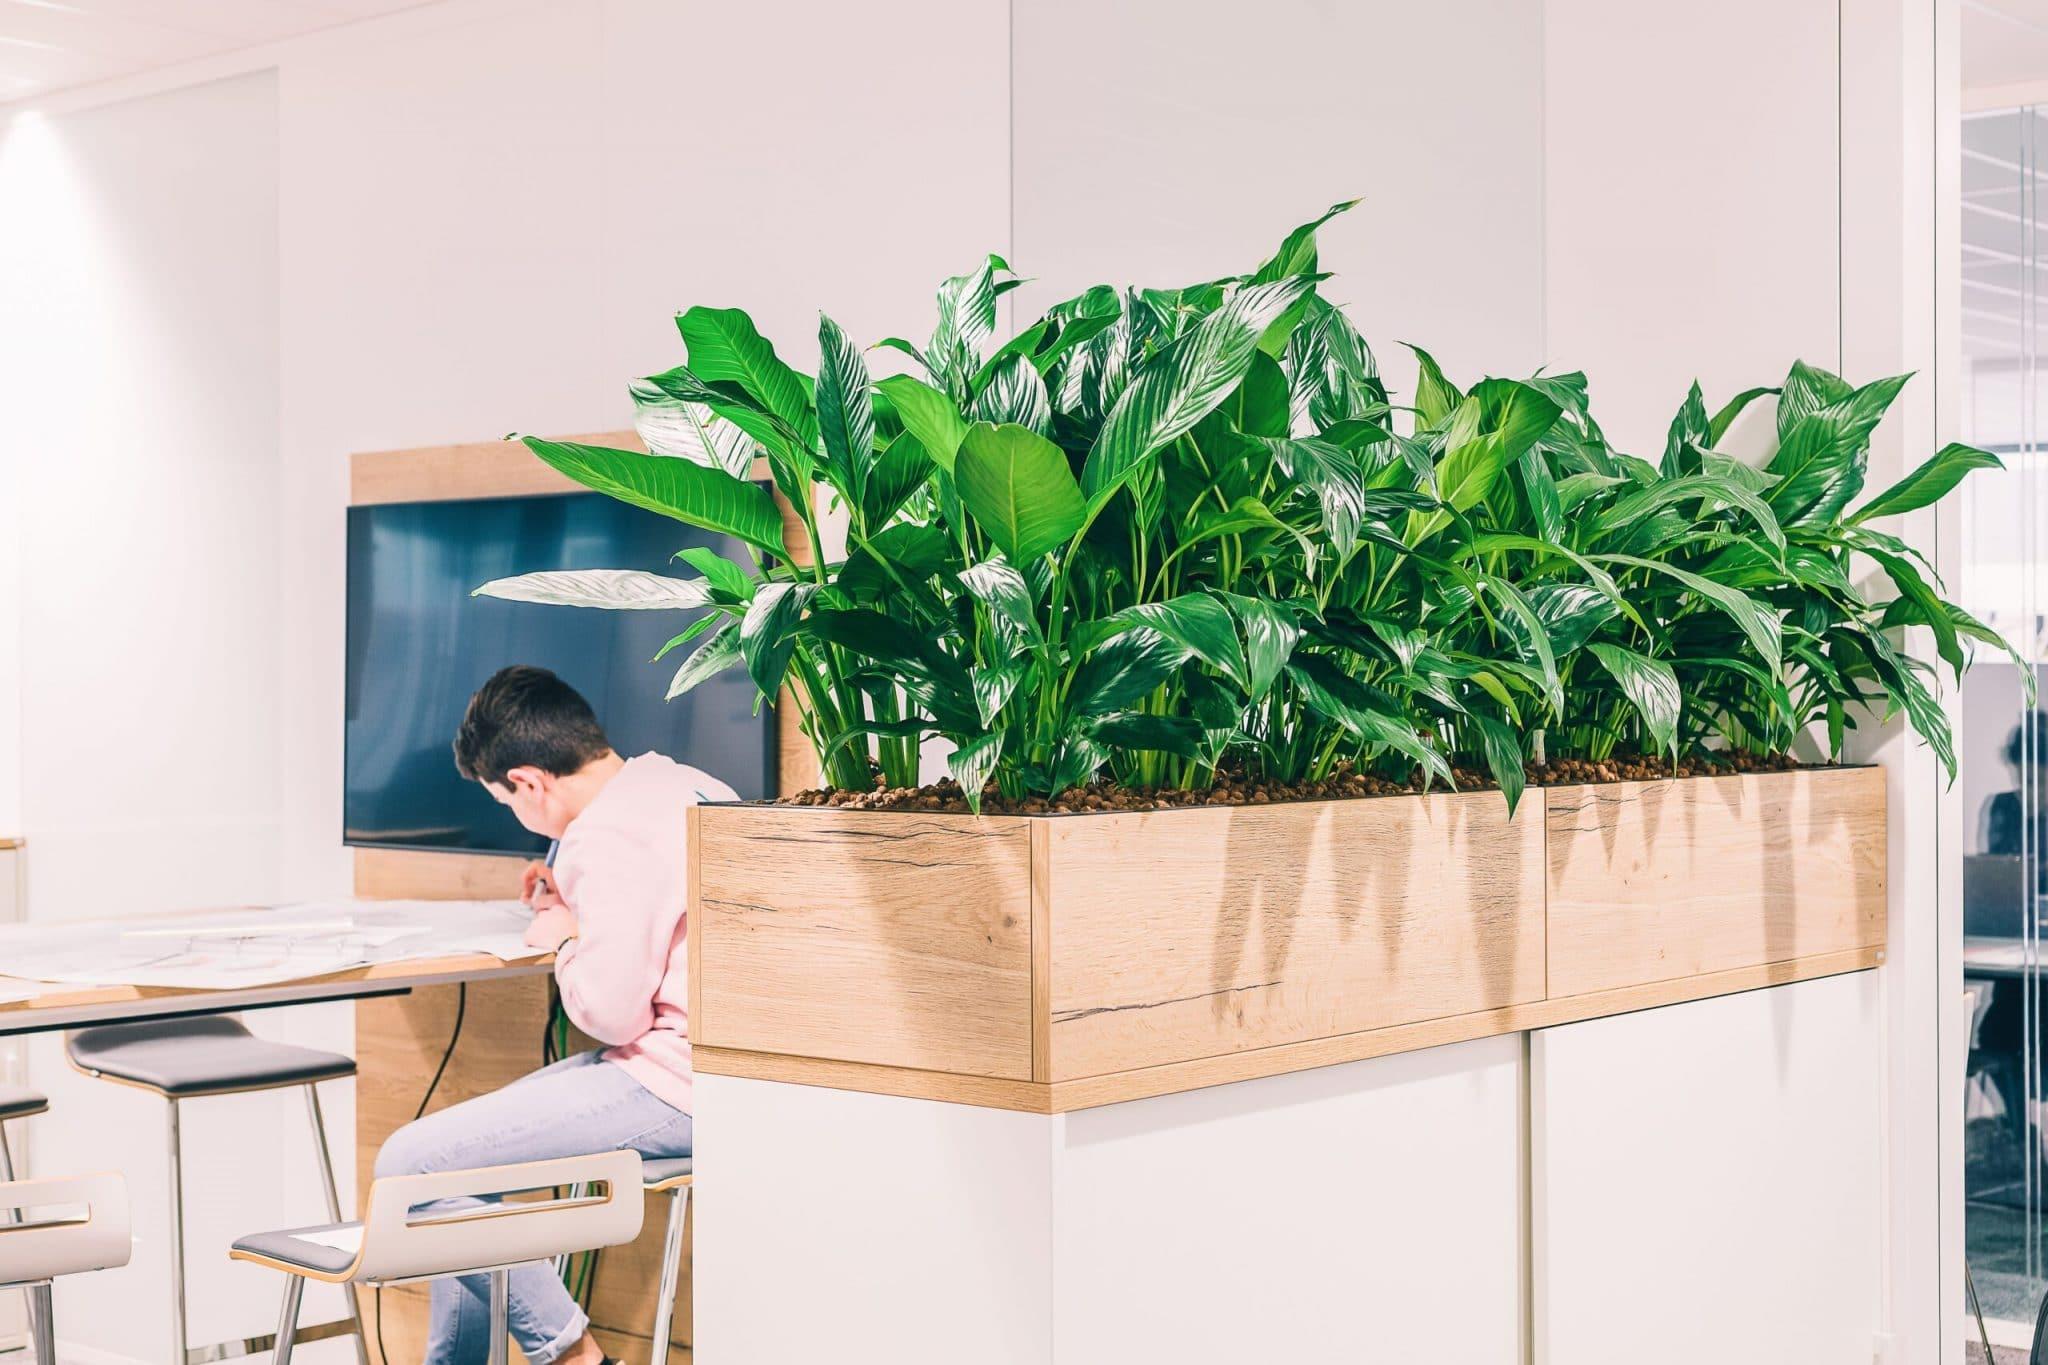 plantes verte bureau lyon